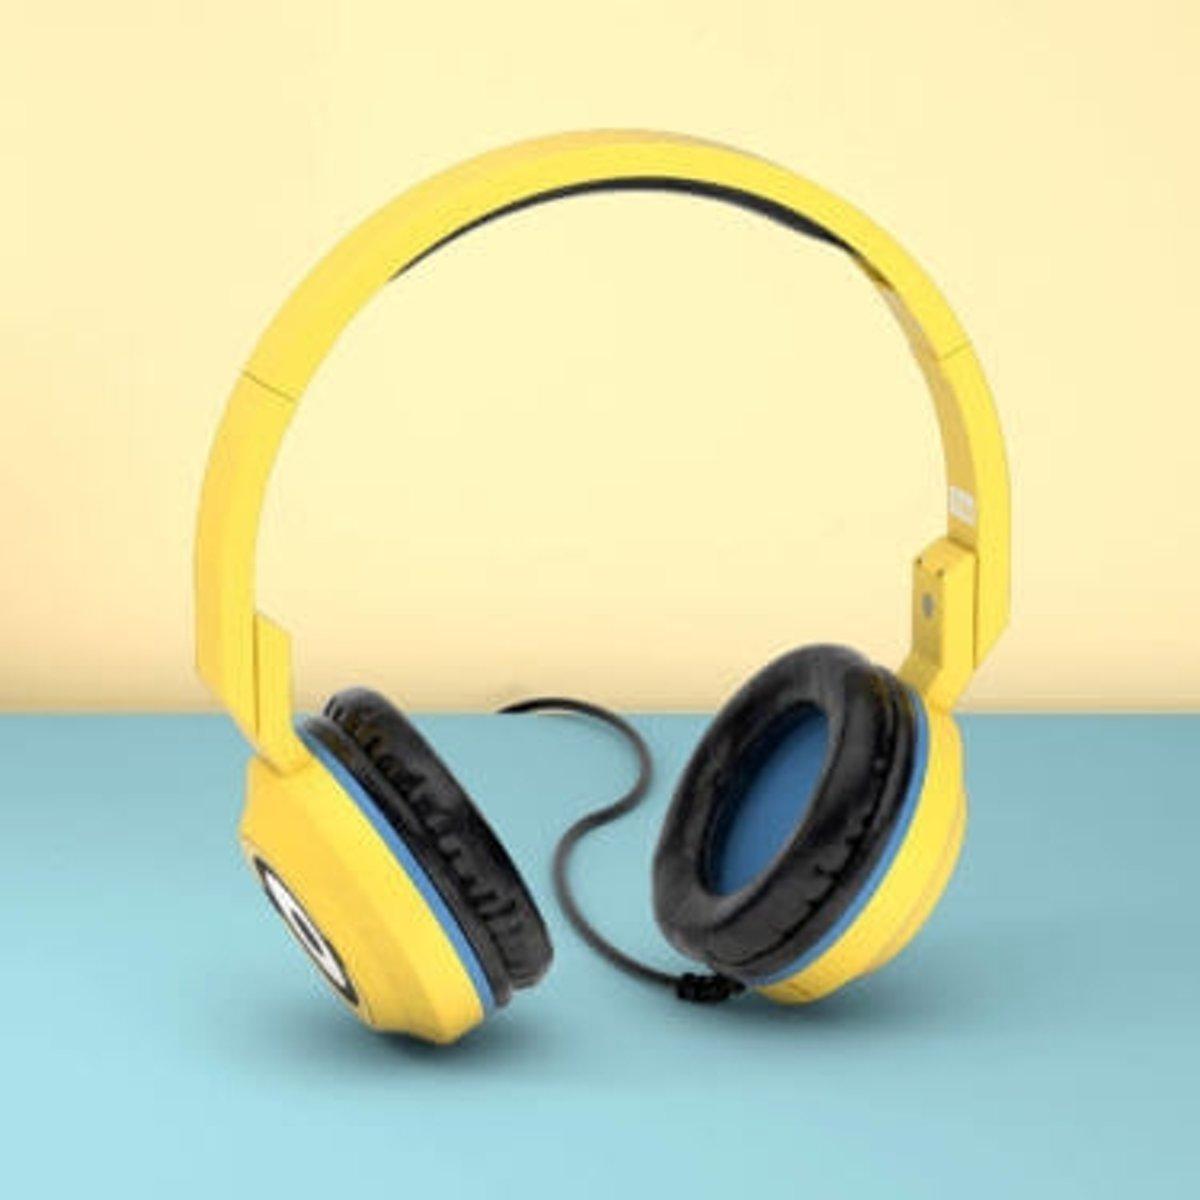 Tribe HPW12100 Hoofdband Stereofonisch Bedraad Geel mobiele hoofdtelefoon kopen